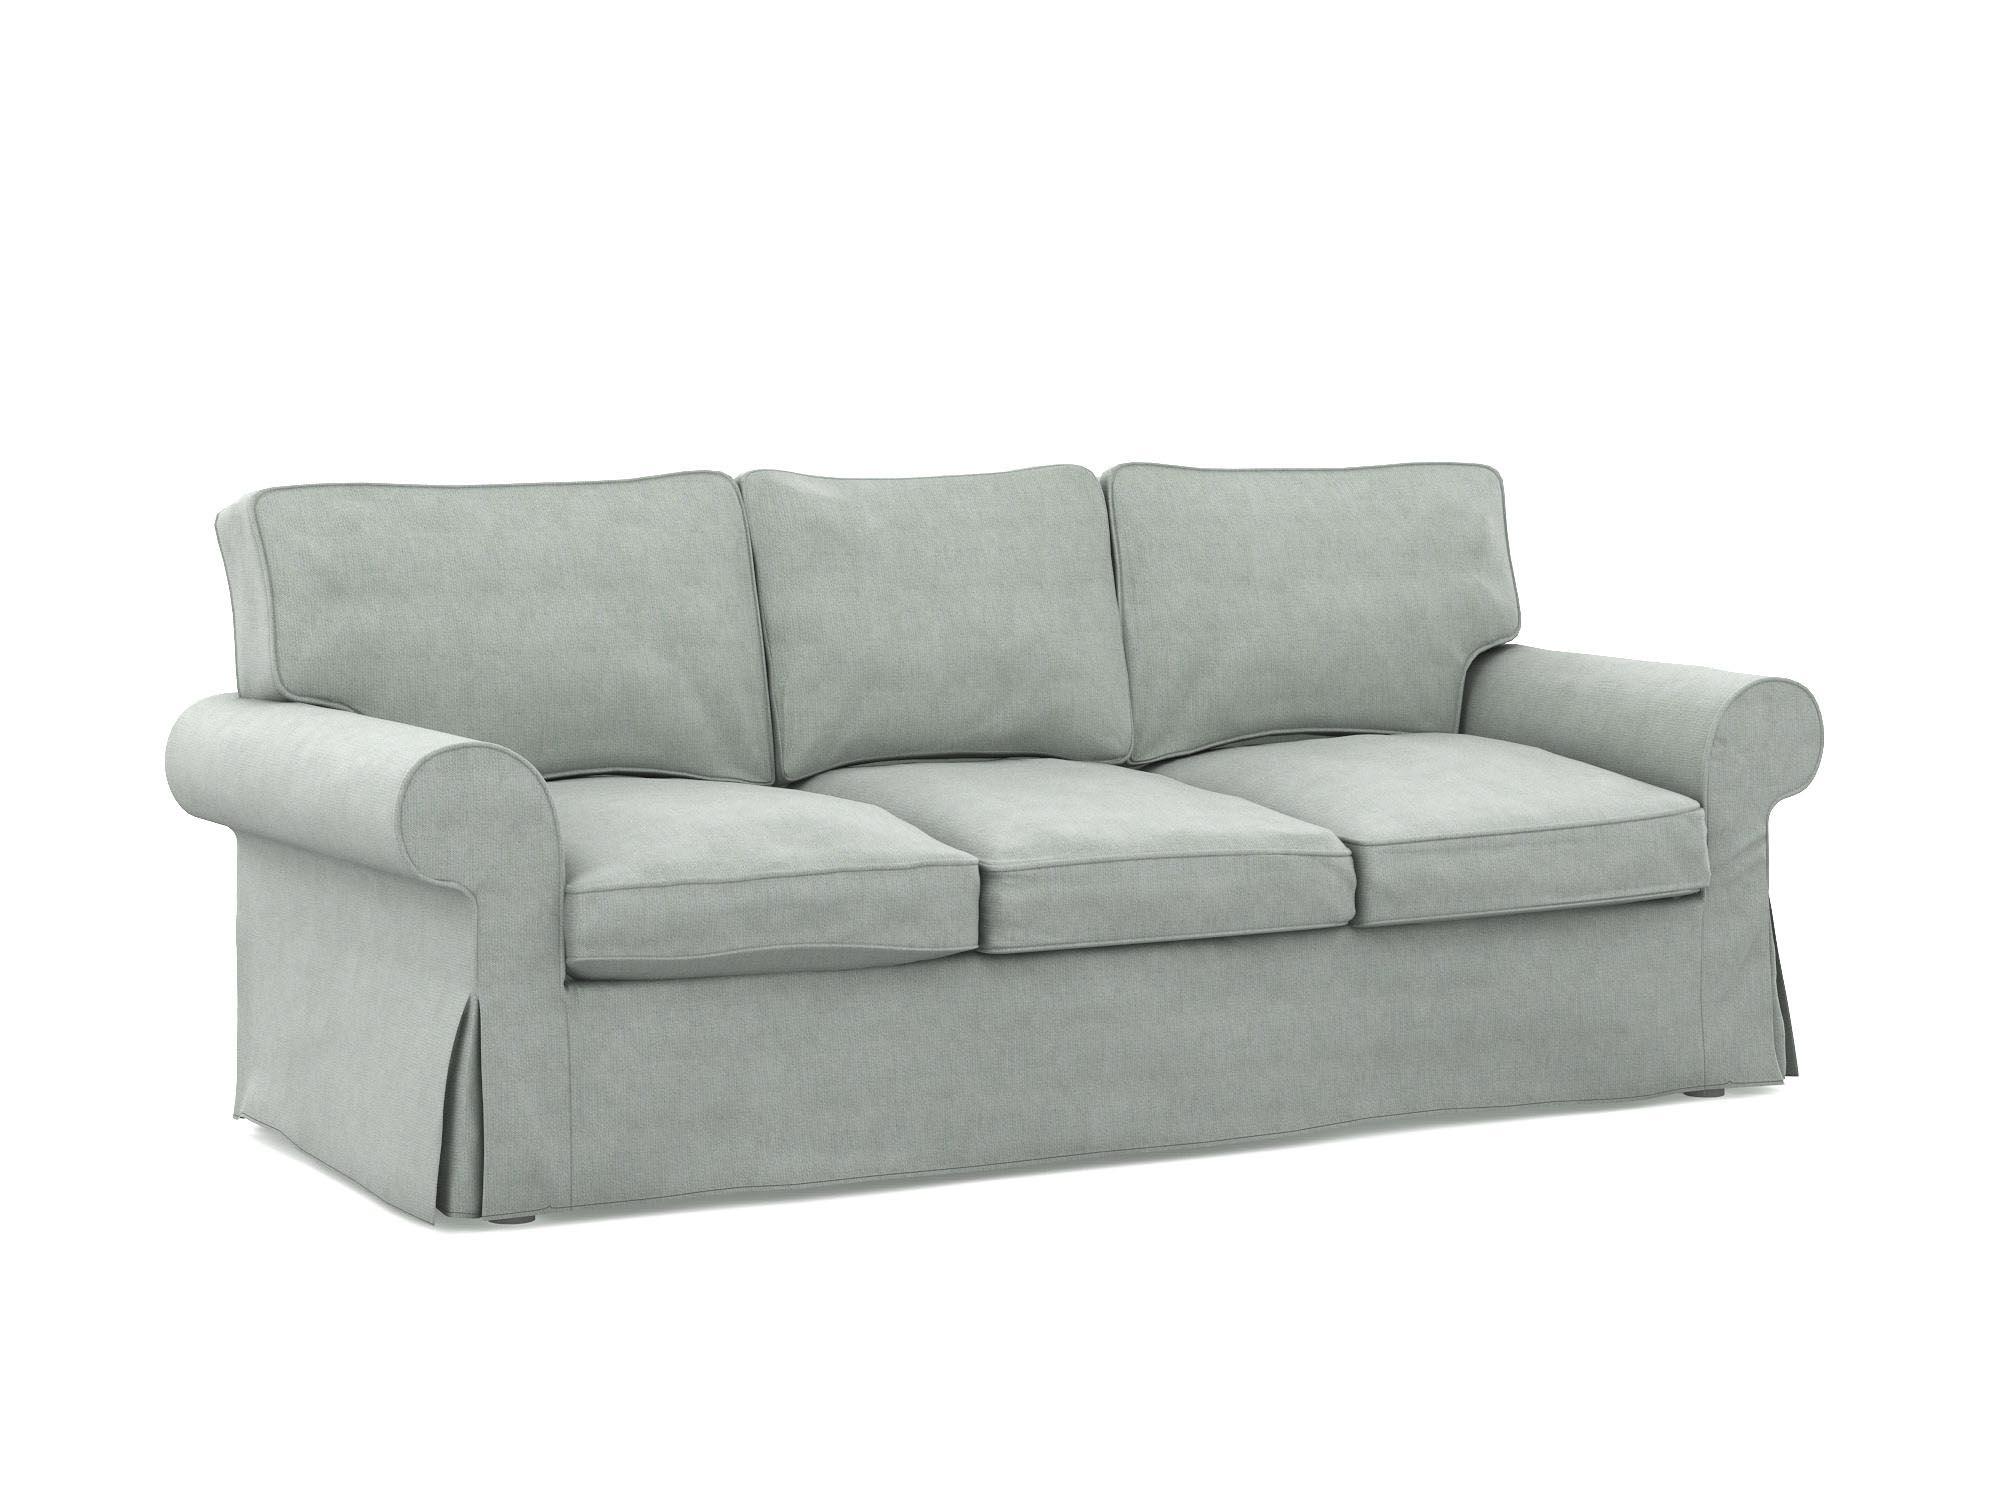 Your New Ikea Ektorp 3 Seater Sofa Cover Vidian Design Com